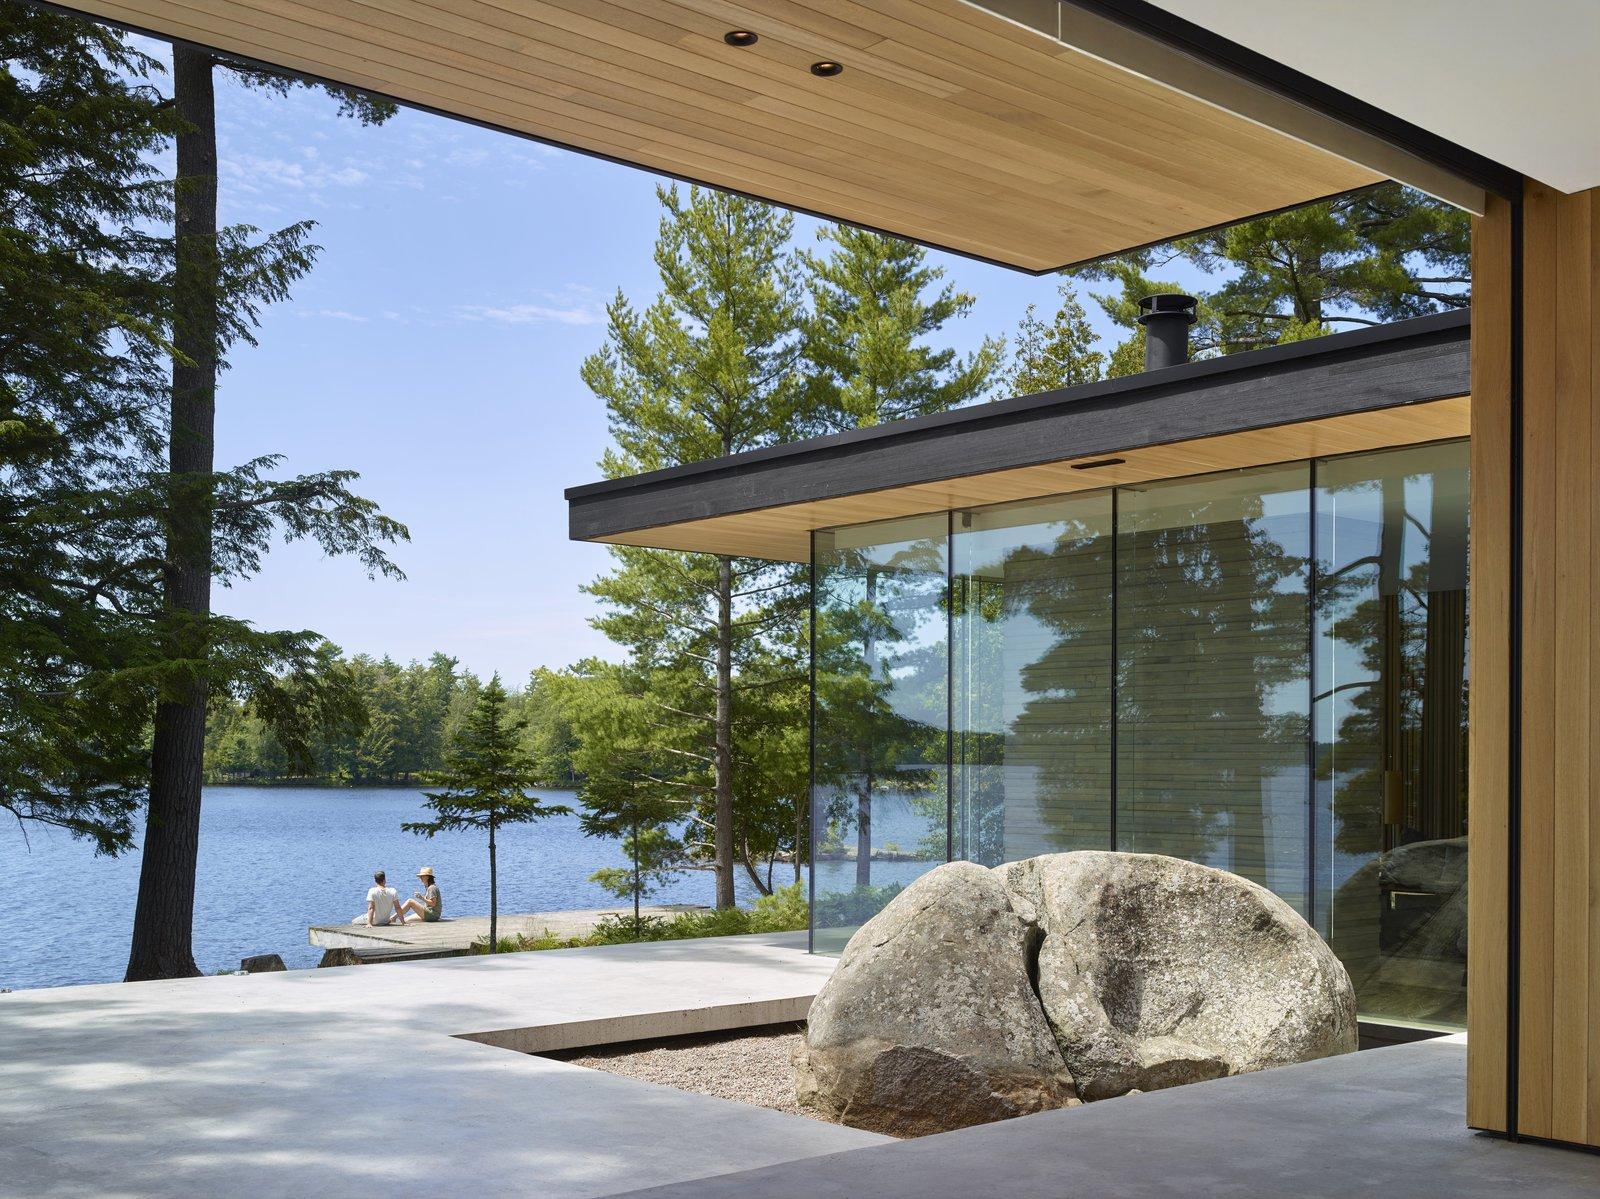 Lake Manitouwabing Residence outdoor patio